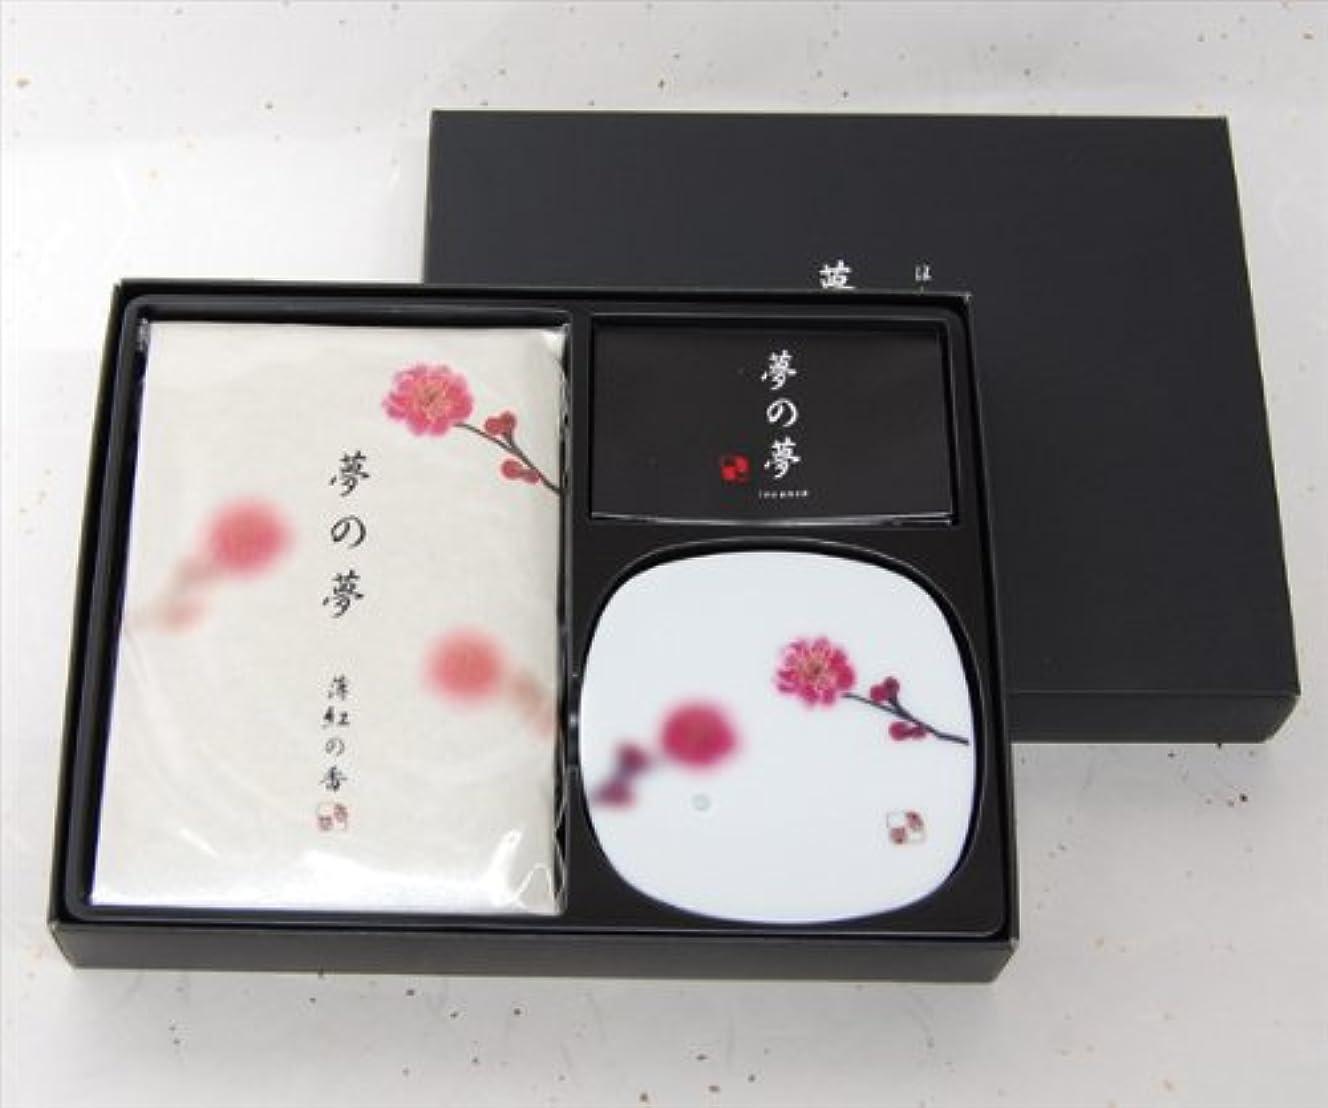 上院議員端努力日本香堂のお香ギフト 薄紅の香 【お香+香皿】